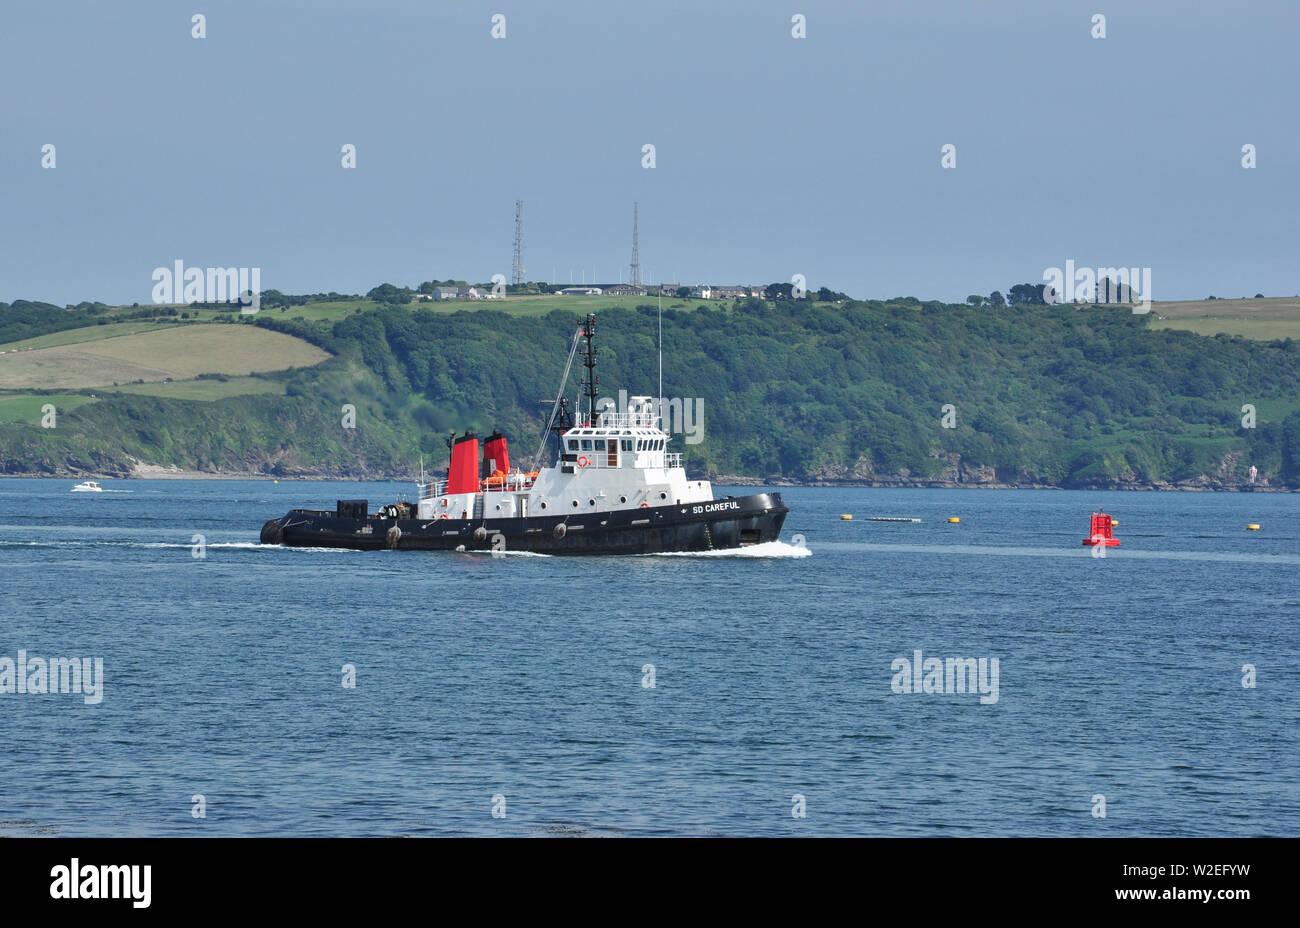 Unità gemelle Trattore rimorchiatore, SD attenta, Plymouth Sound, Devon, Inghilterra, Regno Unito Immagini Stock